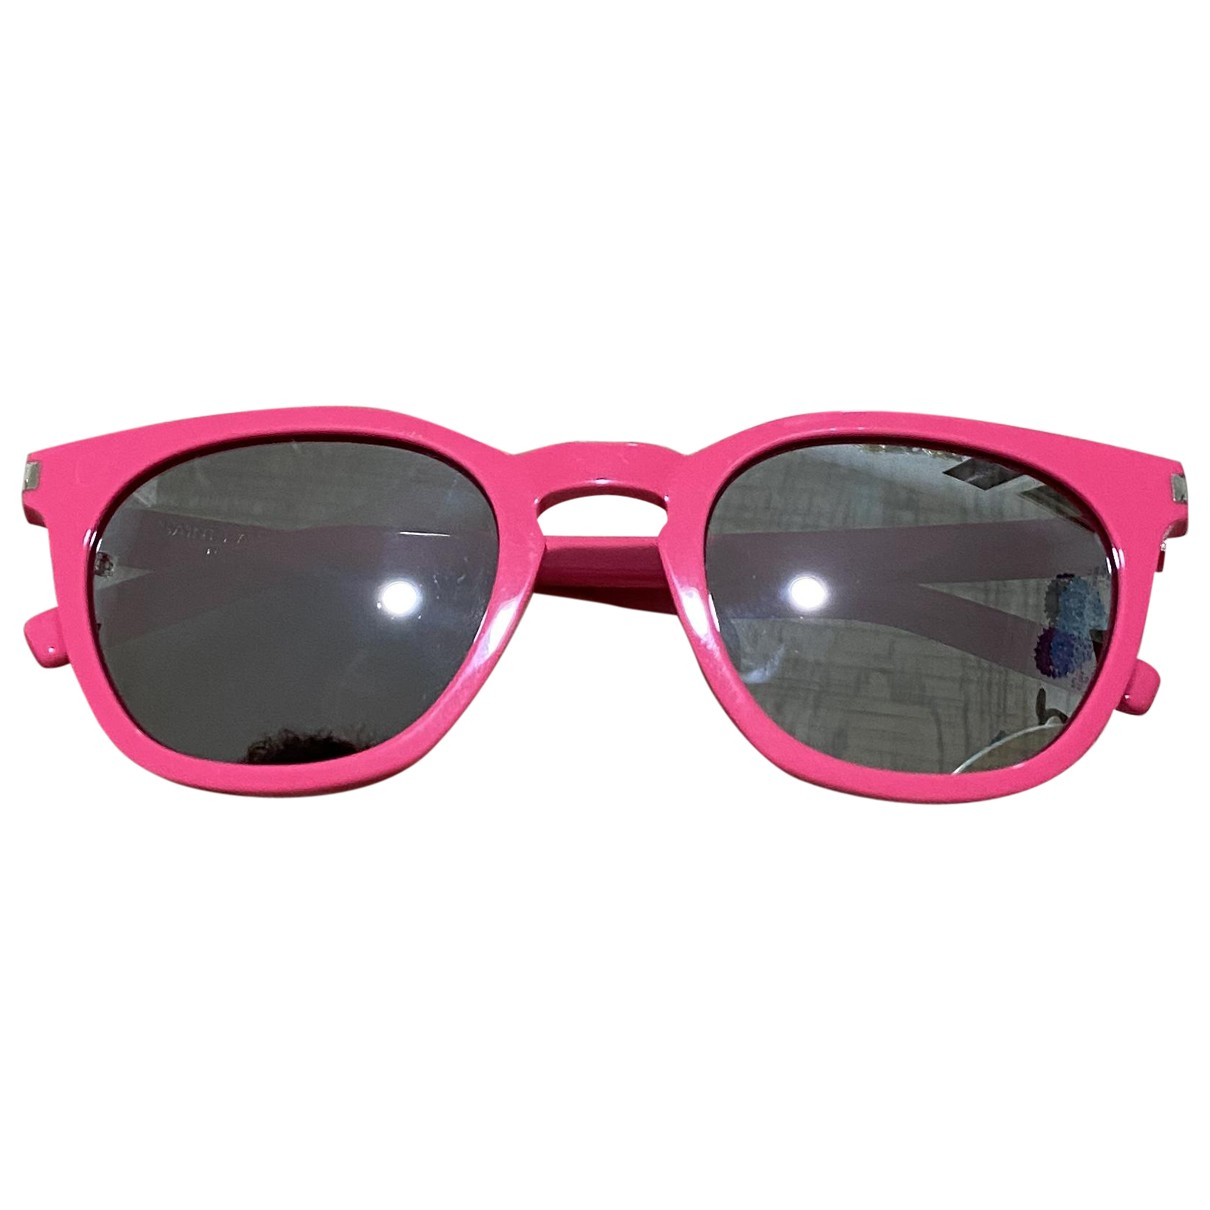 Saint Laurent - Lunettes   pour femme - rose